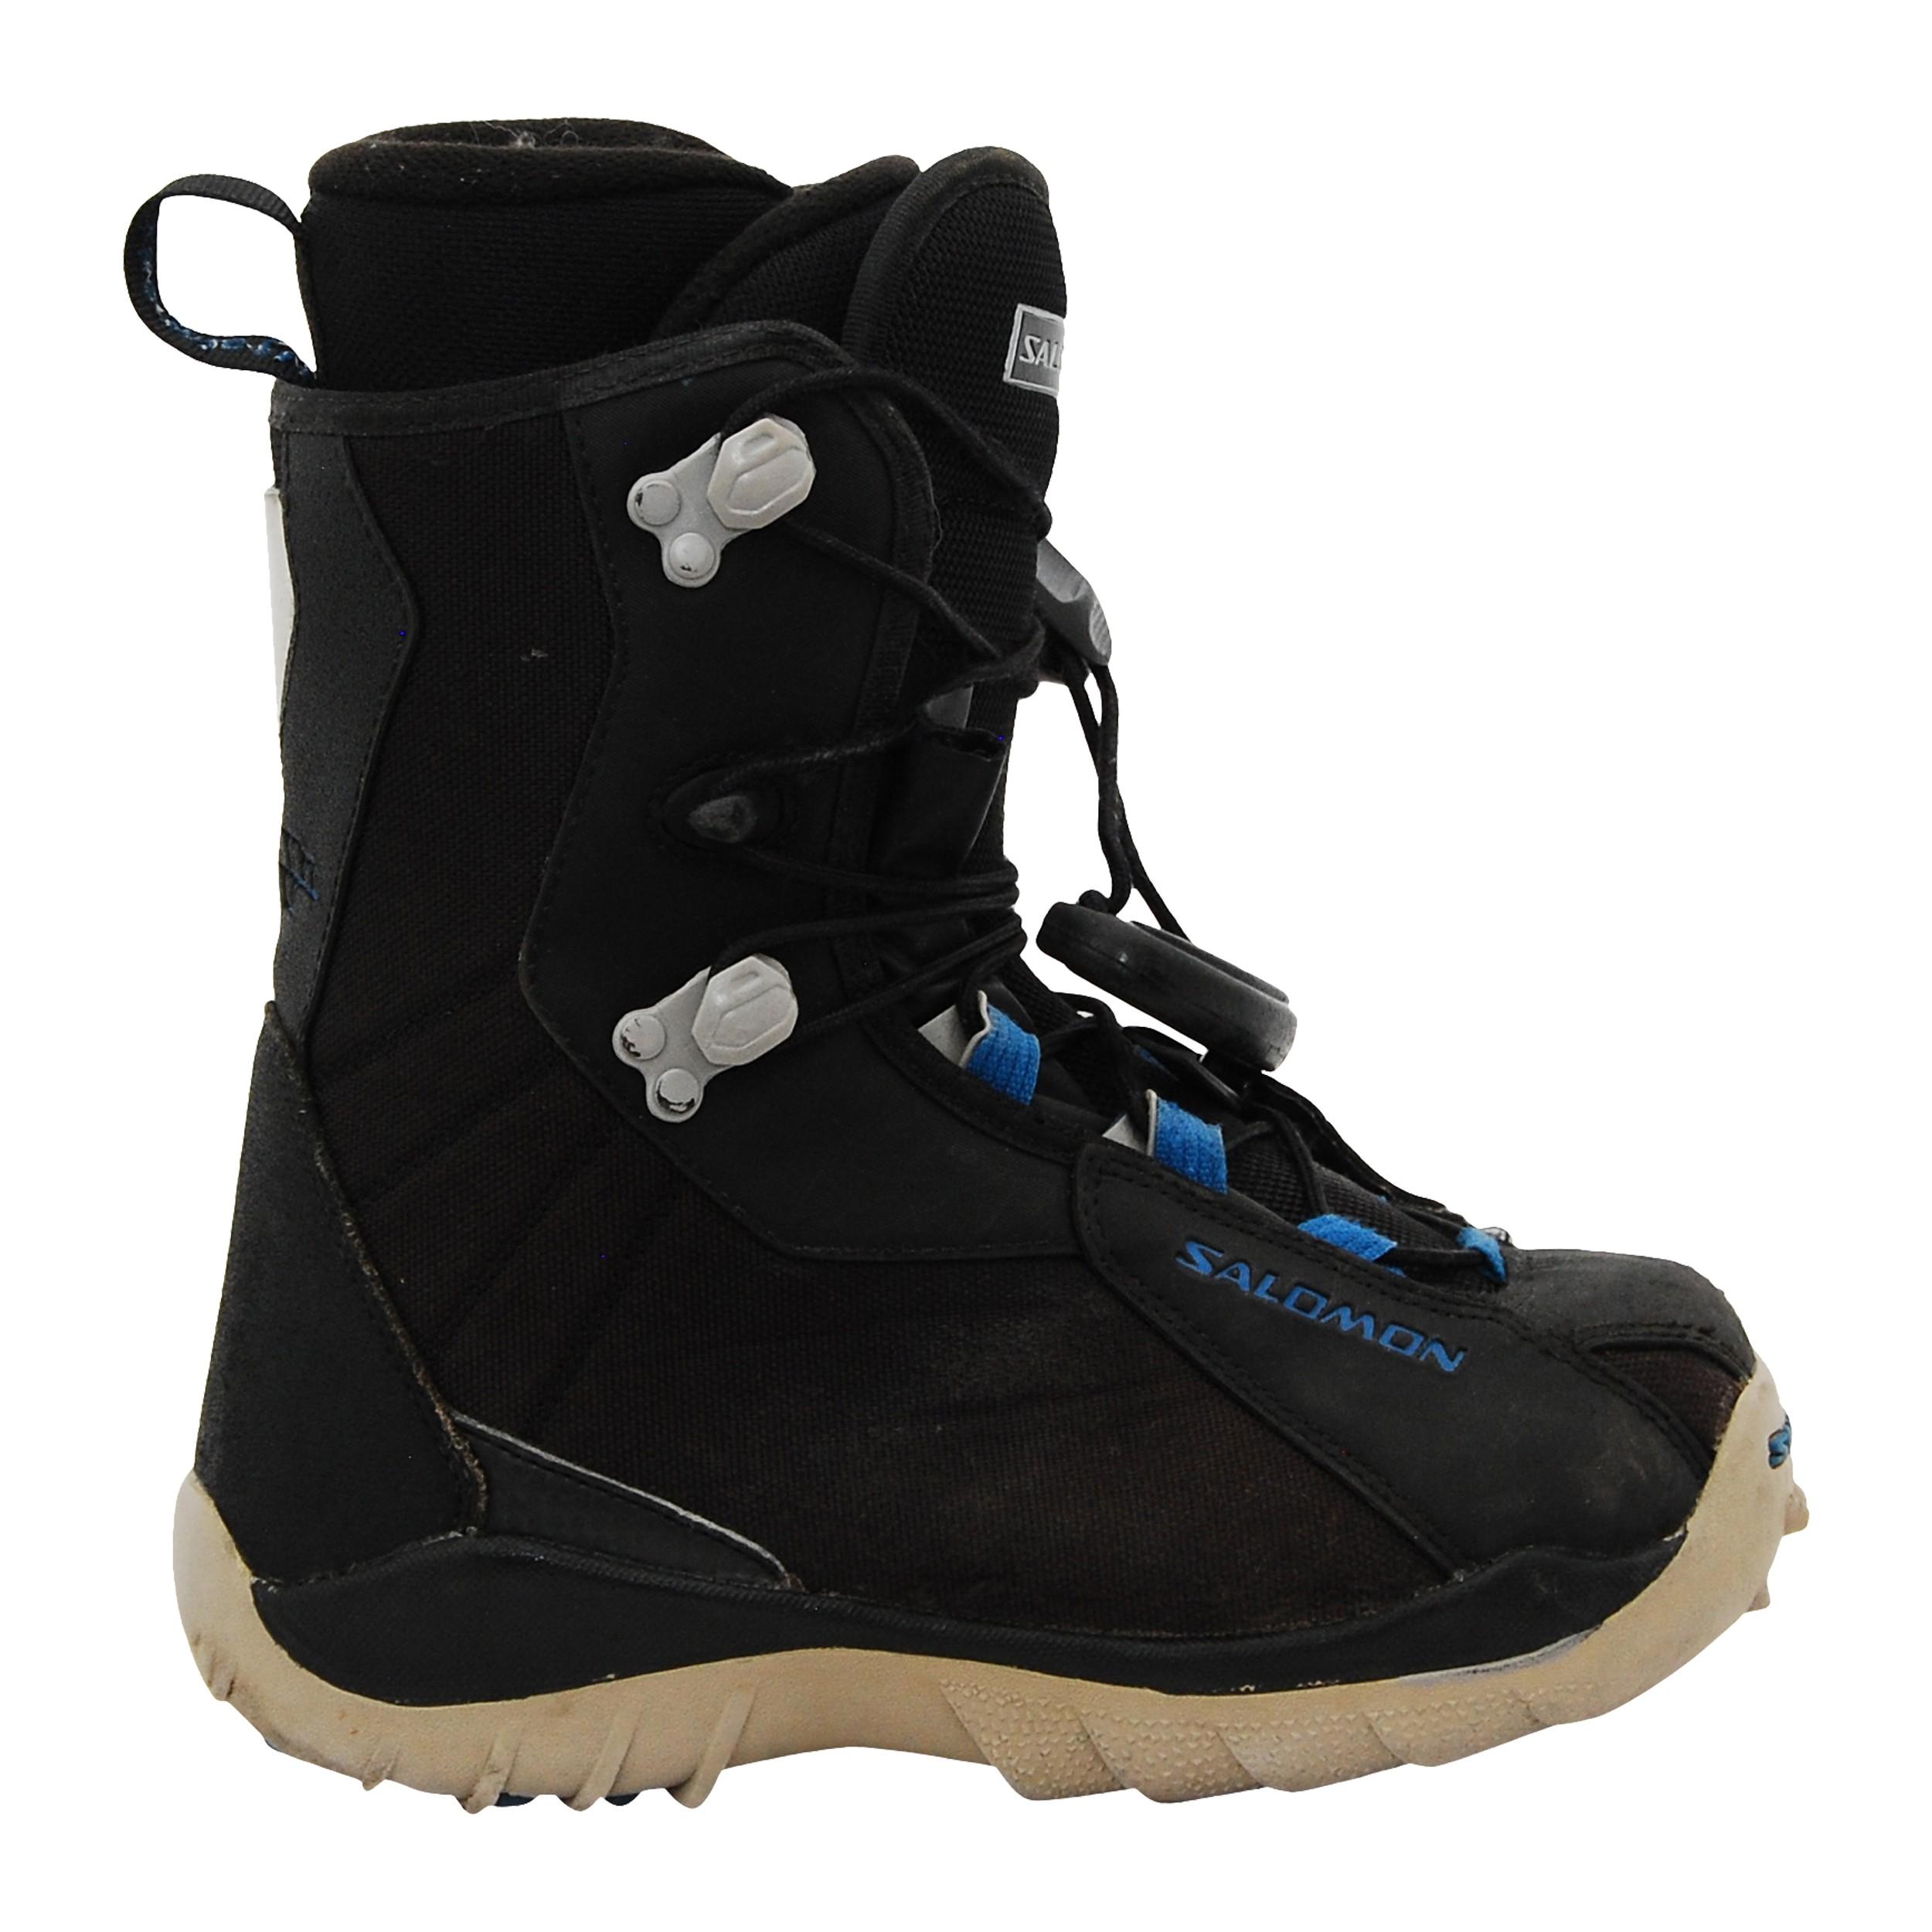 occasion Salomon et Boots rouge noir kamooks BdCxWreo